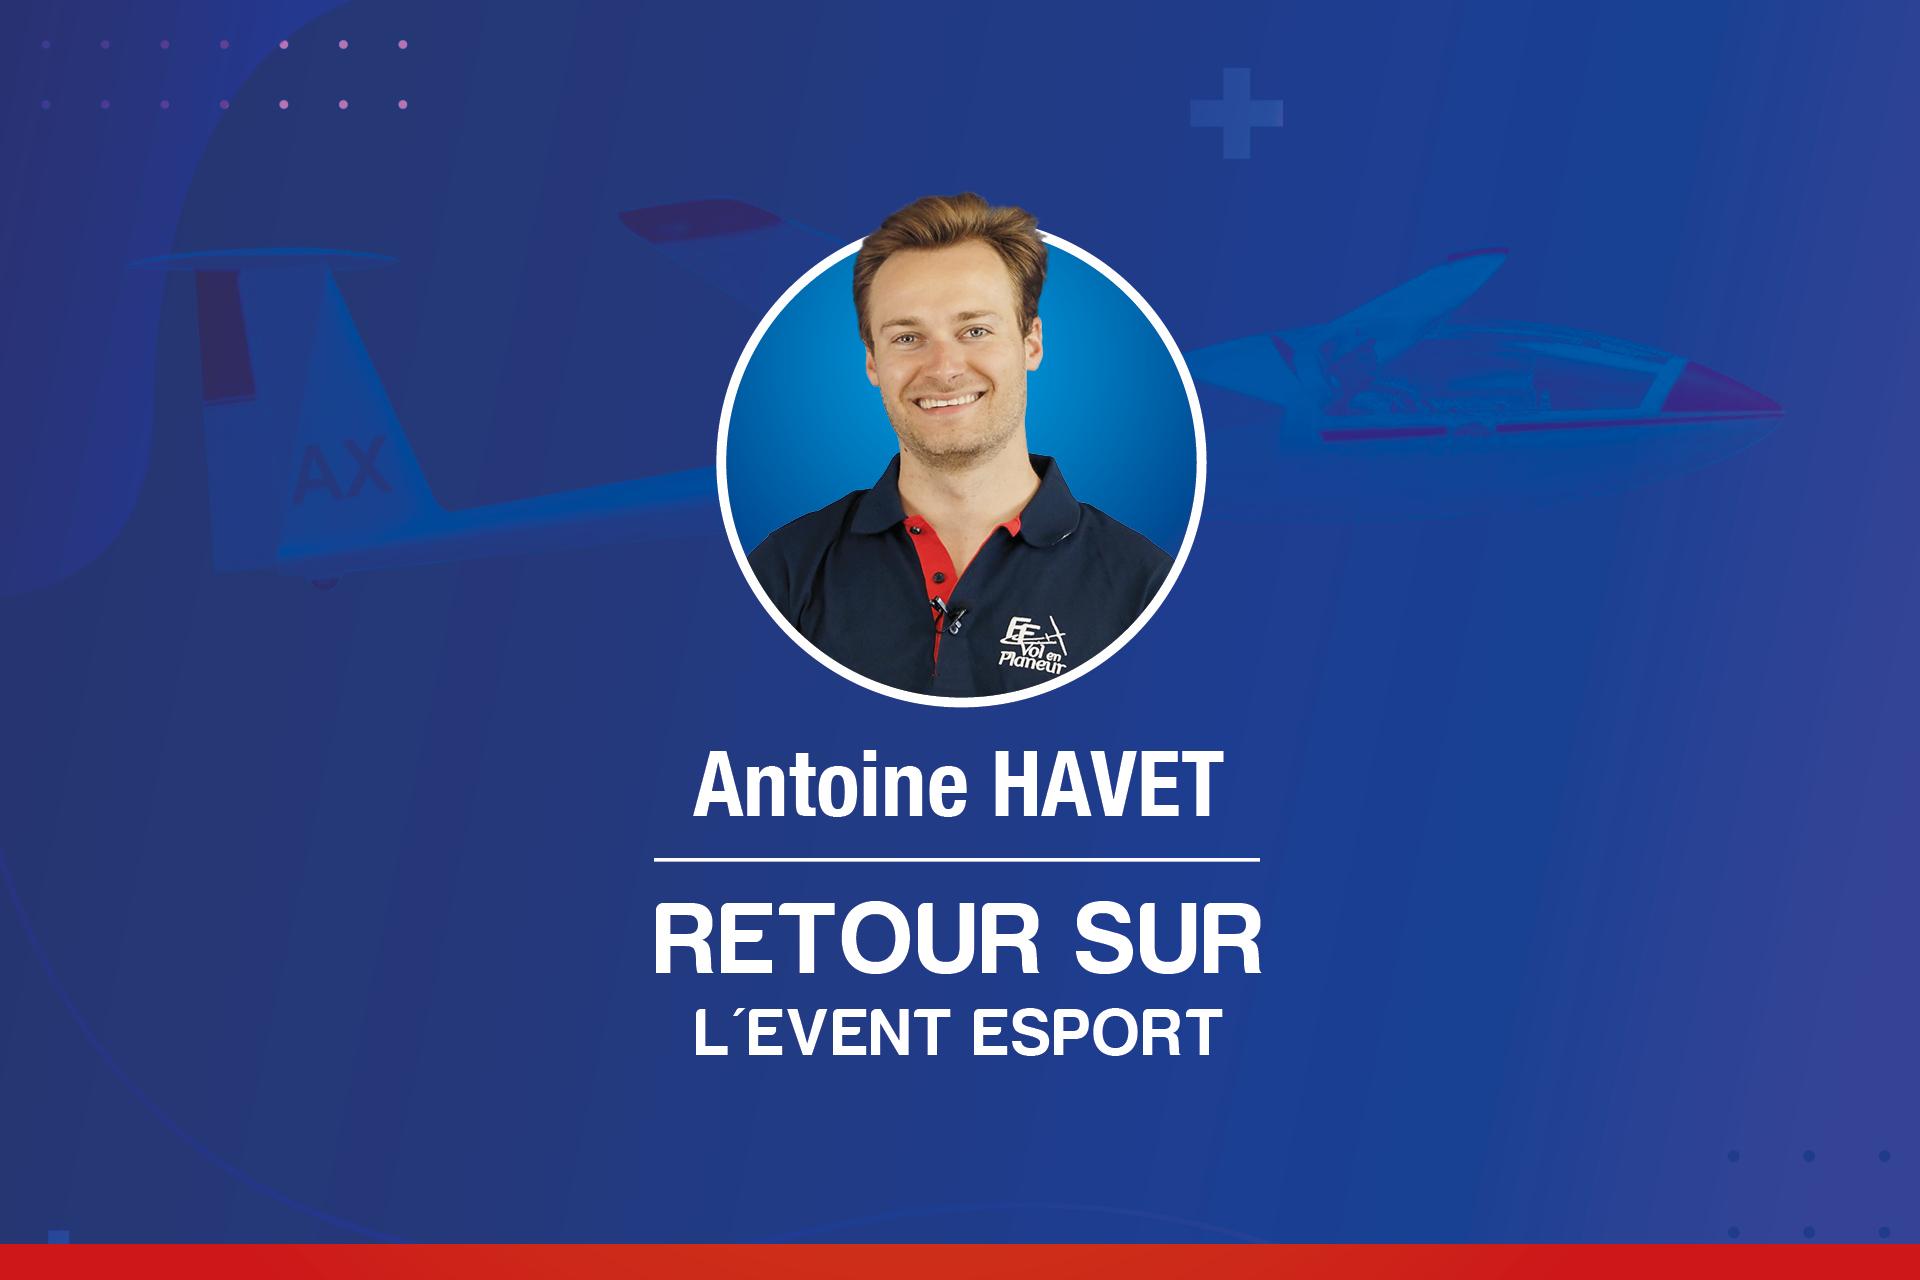 Retour sur l'event eSport avec Antoine Havet